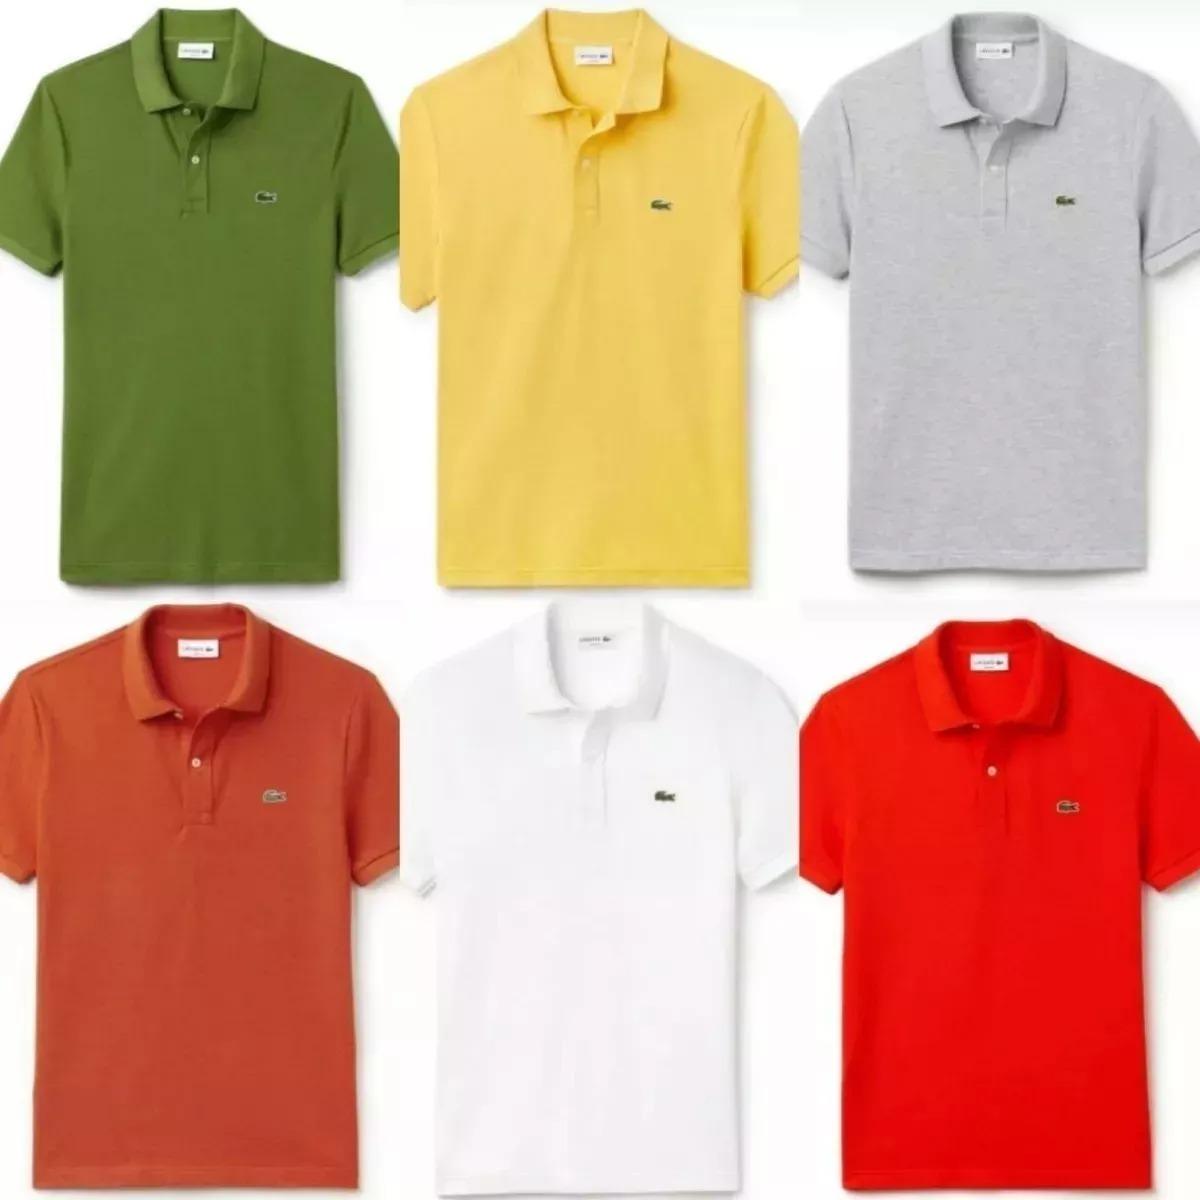 40ca0ccd5969d Hiper Barato!!! C 5 Camisa Polo Lacoste Masculina Atacado - R  189 ...